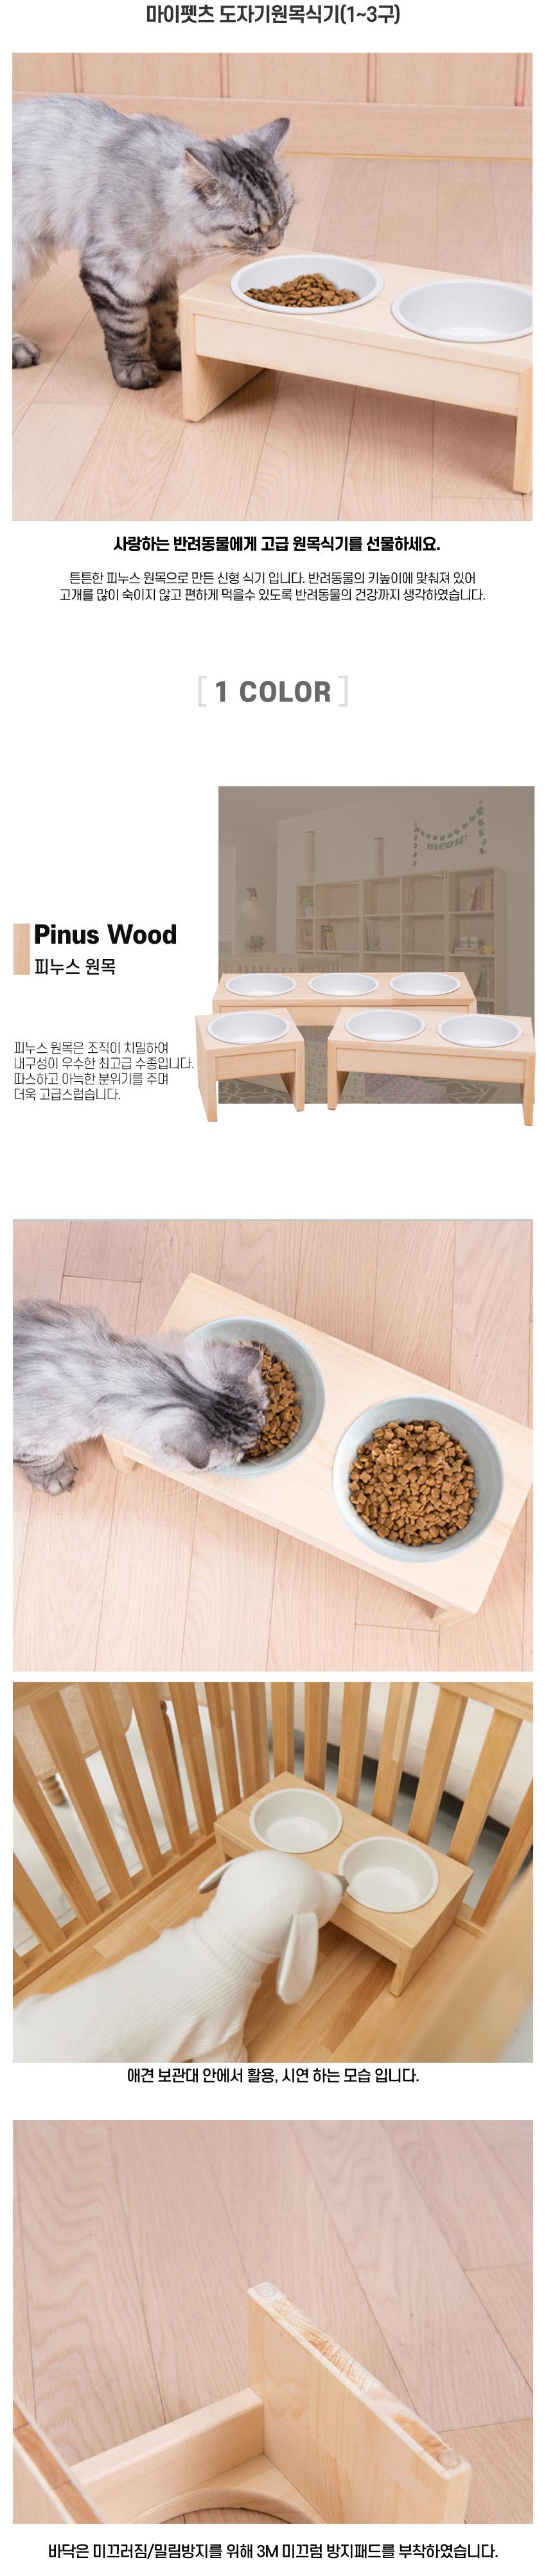 마이펫츠 도자기원목식기 (1구~3구) - 히트디자인, 34,500원, 식기/실내용품, 급식기